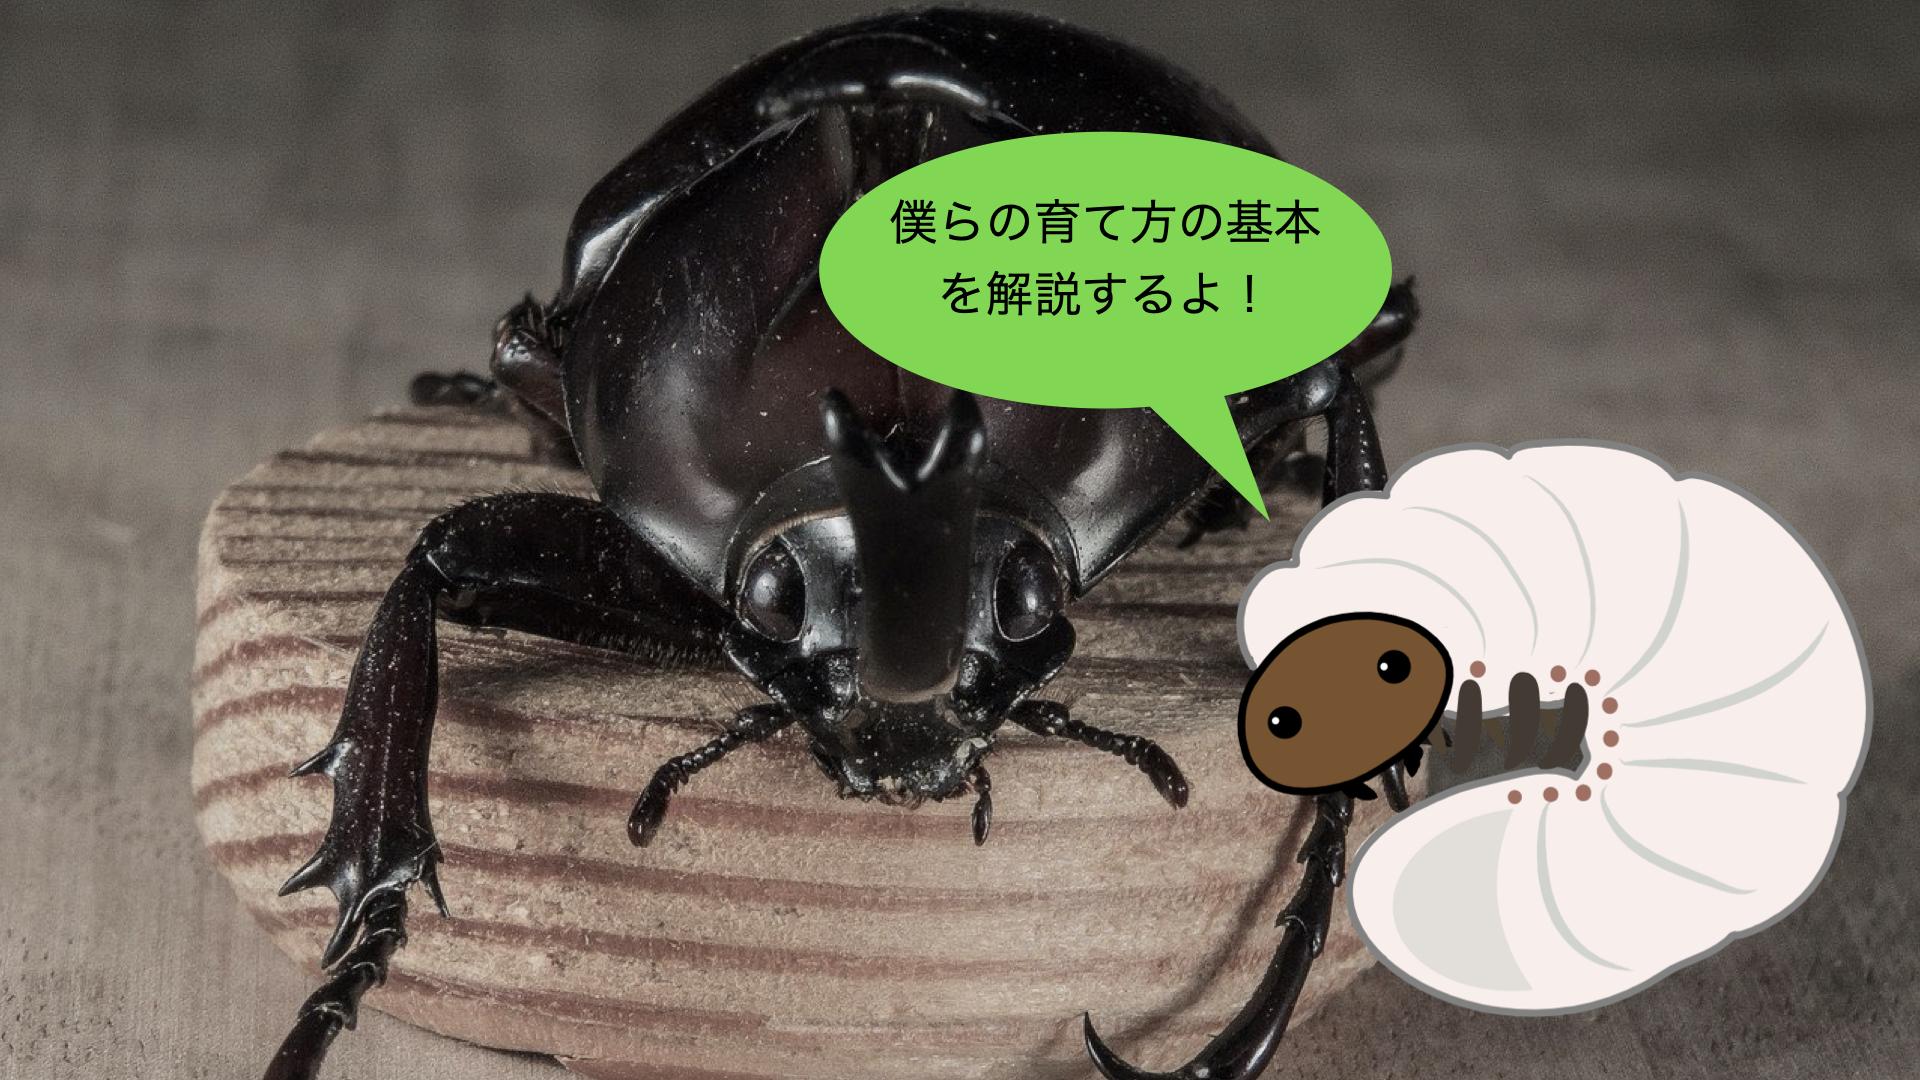 【初心者向け】カブトムシ幼虫飼育の基本